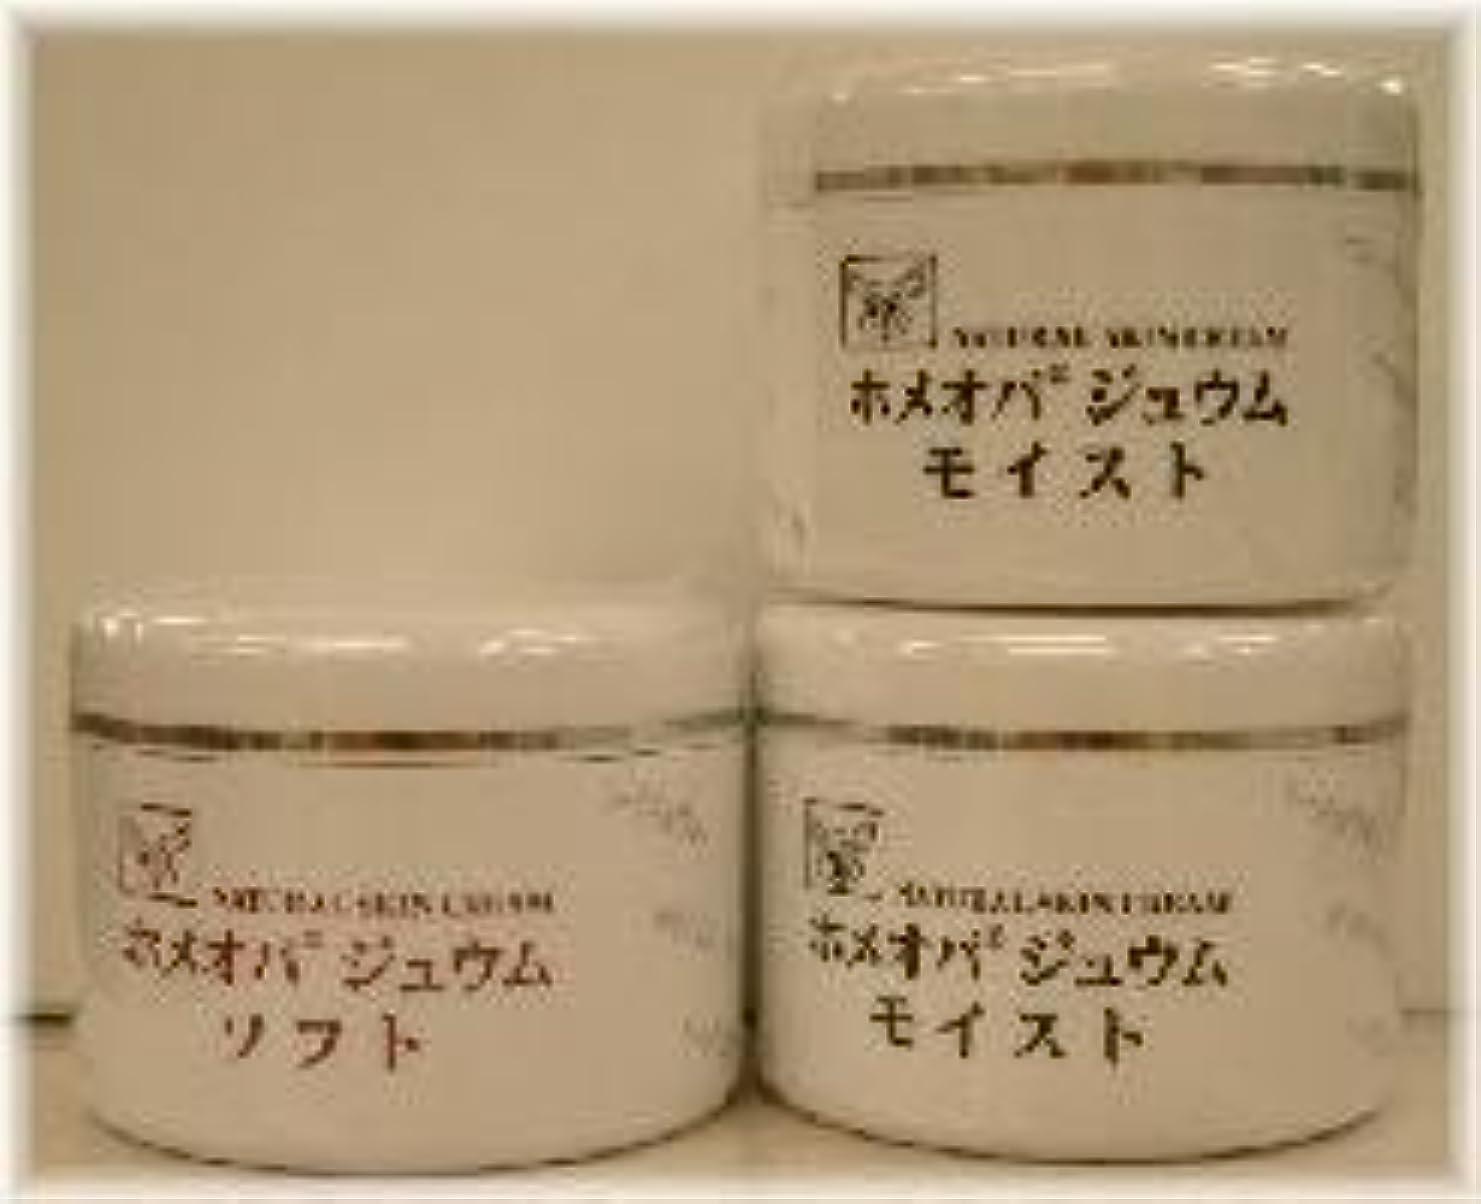 非武装化戦争新しい意味ホメオパジュウム スキンケア商品3点 ¥10500クリームモイスト2個+クリームソフト